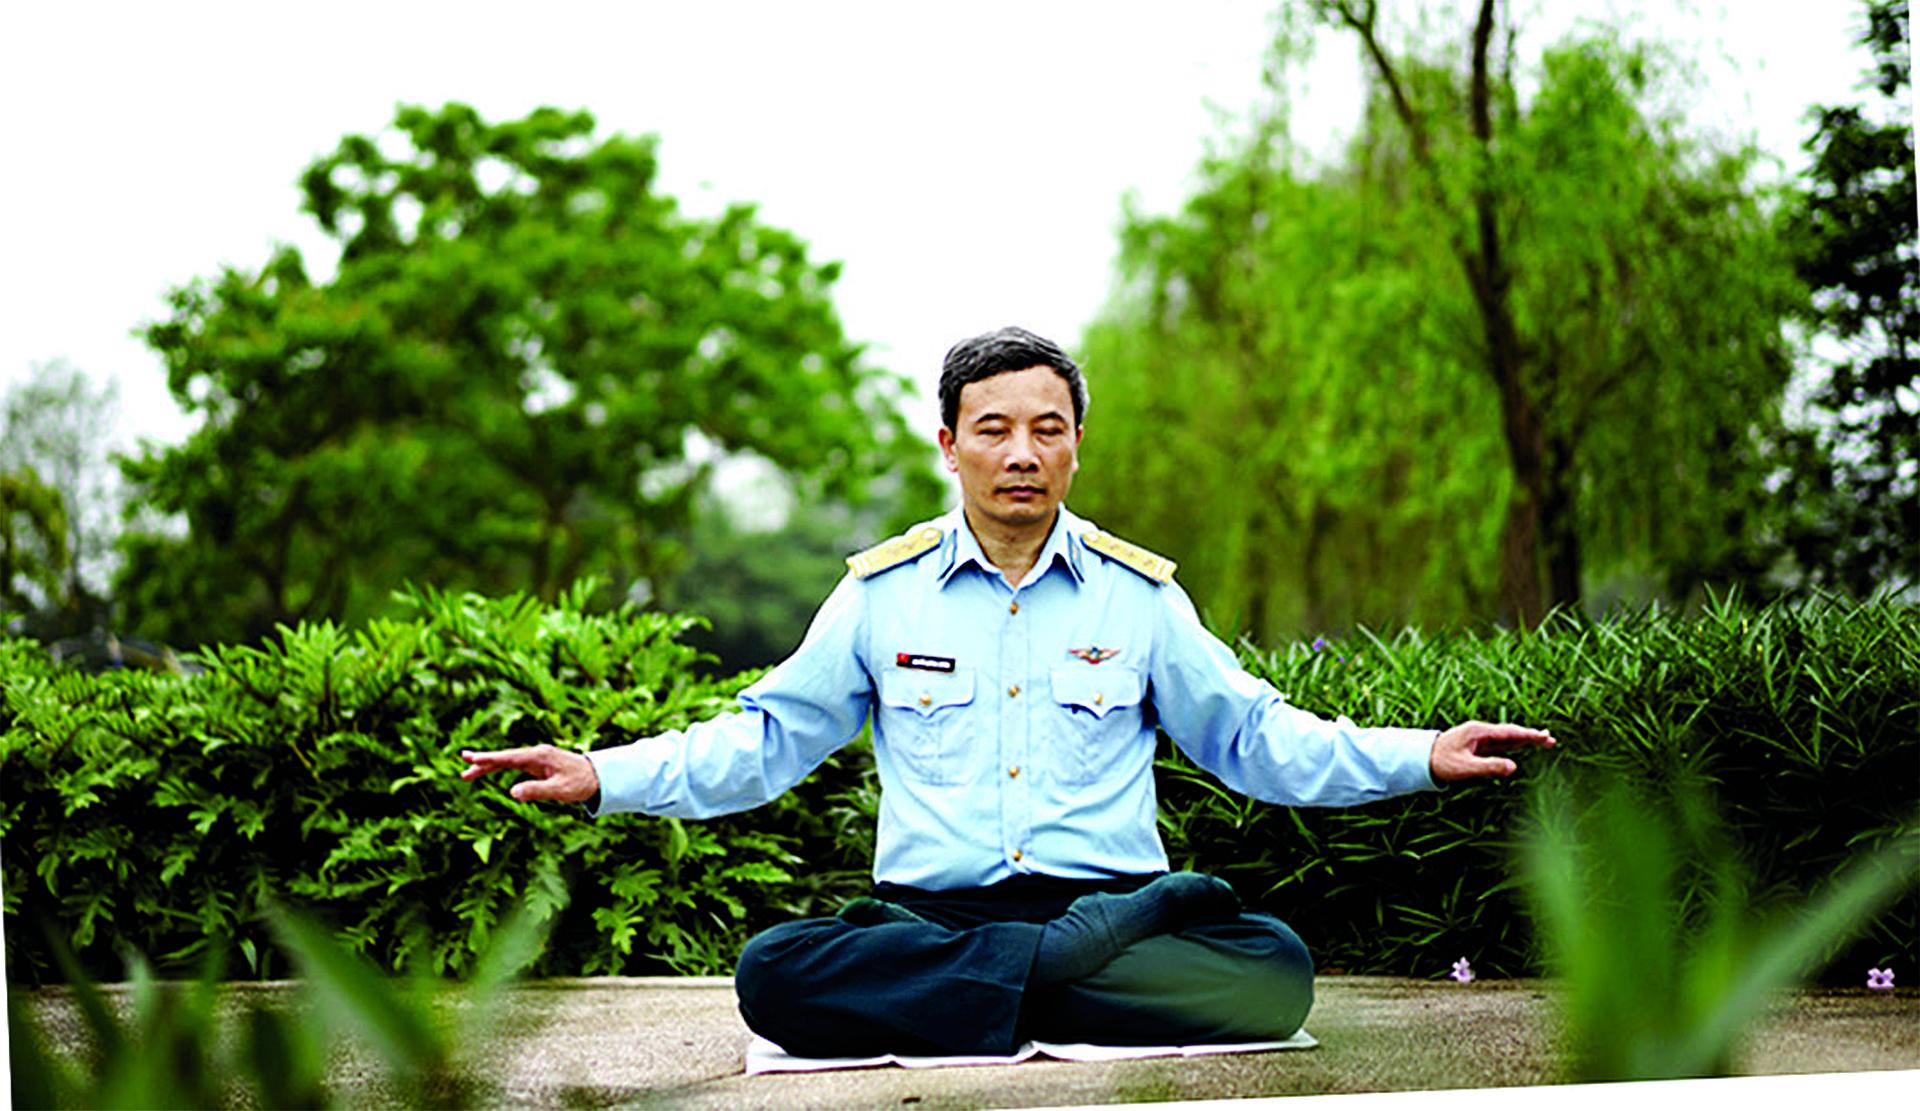 上:越南空軍中校Quynh Xuyen在煉法輪功的第五套功法。下:Quynh Xuyen從小習武,在空軍學院擔任武術教師。